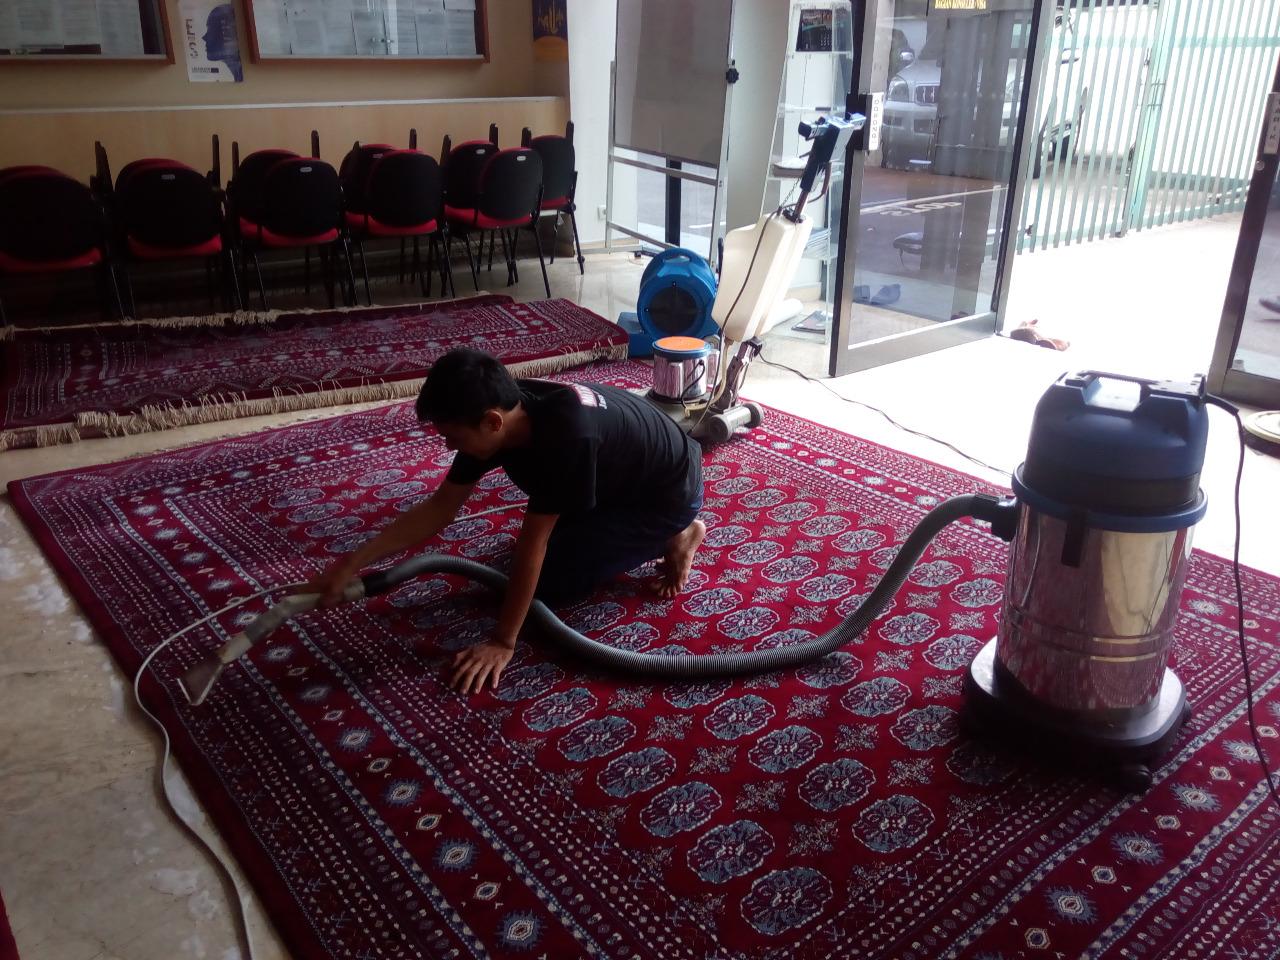 Jasa Cuci Karpet Pandeglang Rekomendasi Cuci Karpet Terbaik di Pandeglang Banten